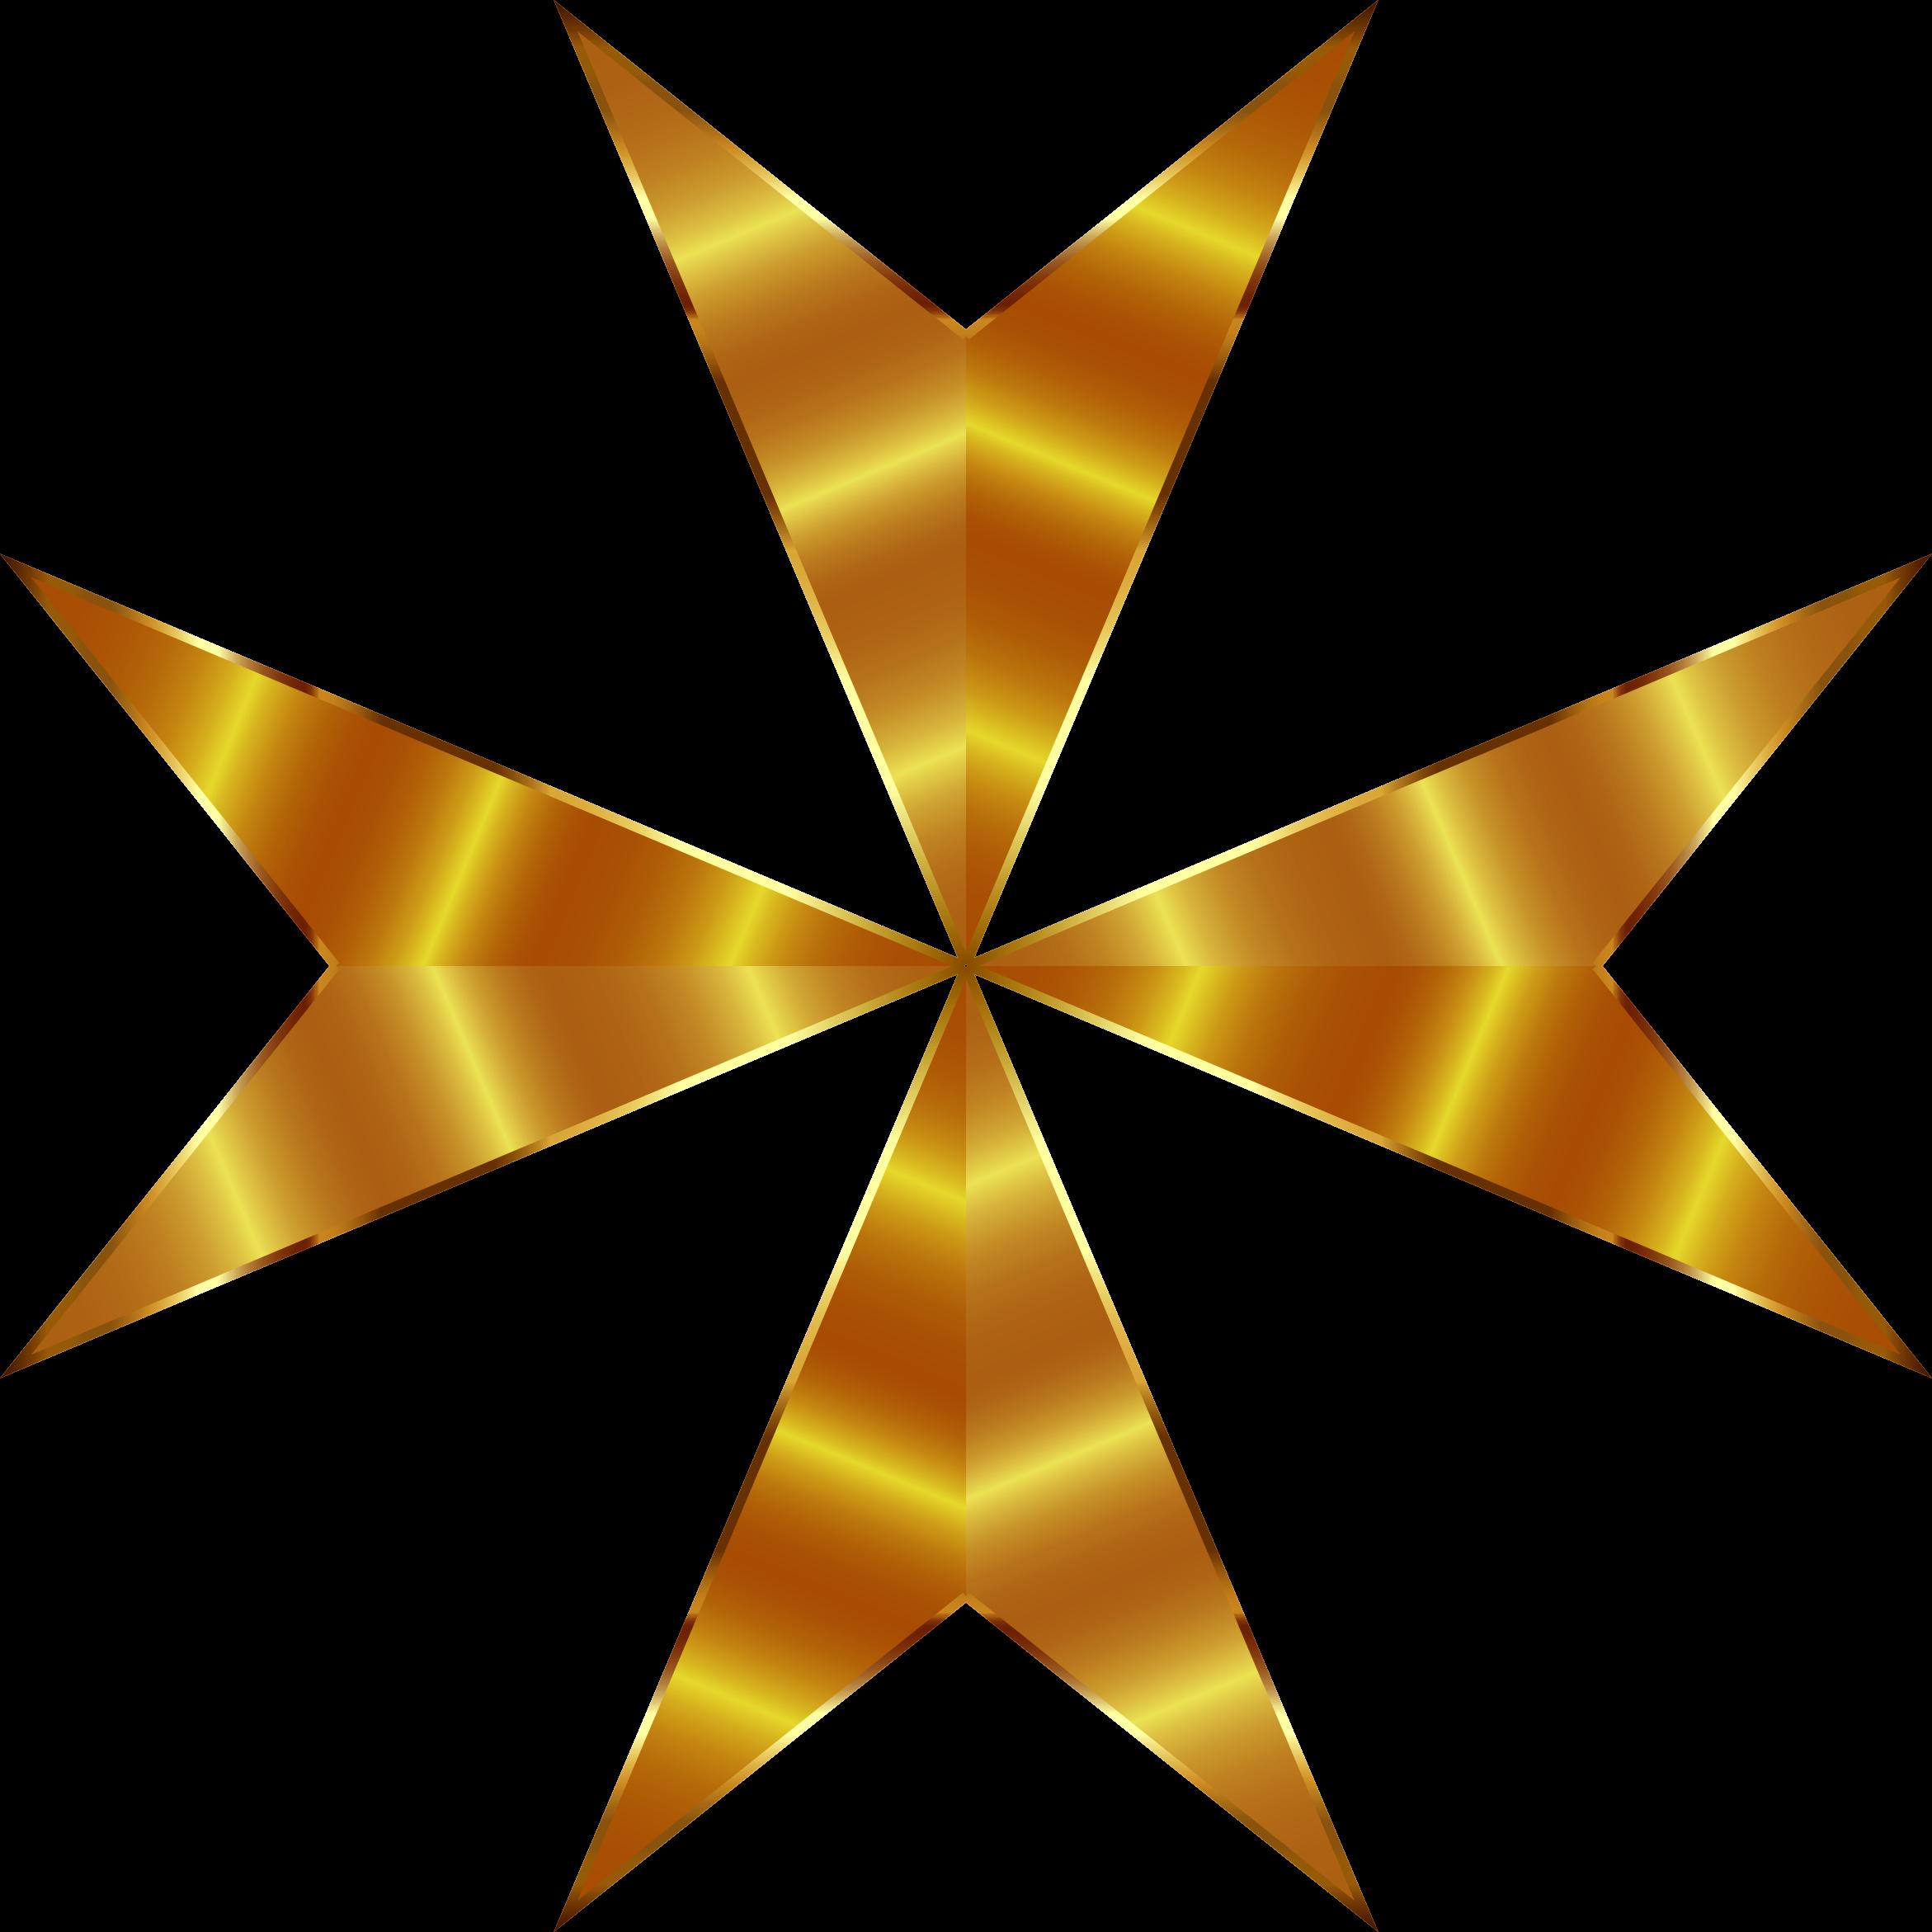 2342x2342 Stars Clipart Golden